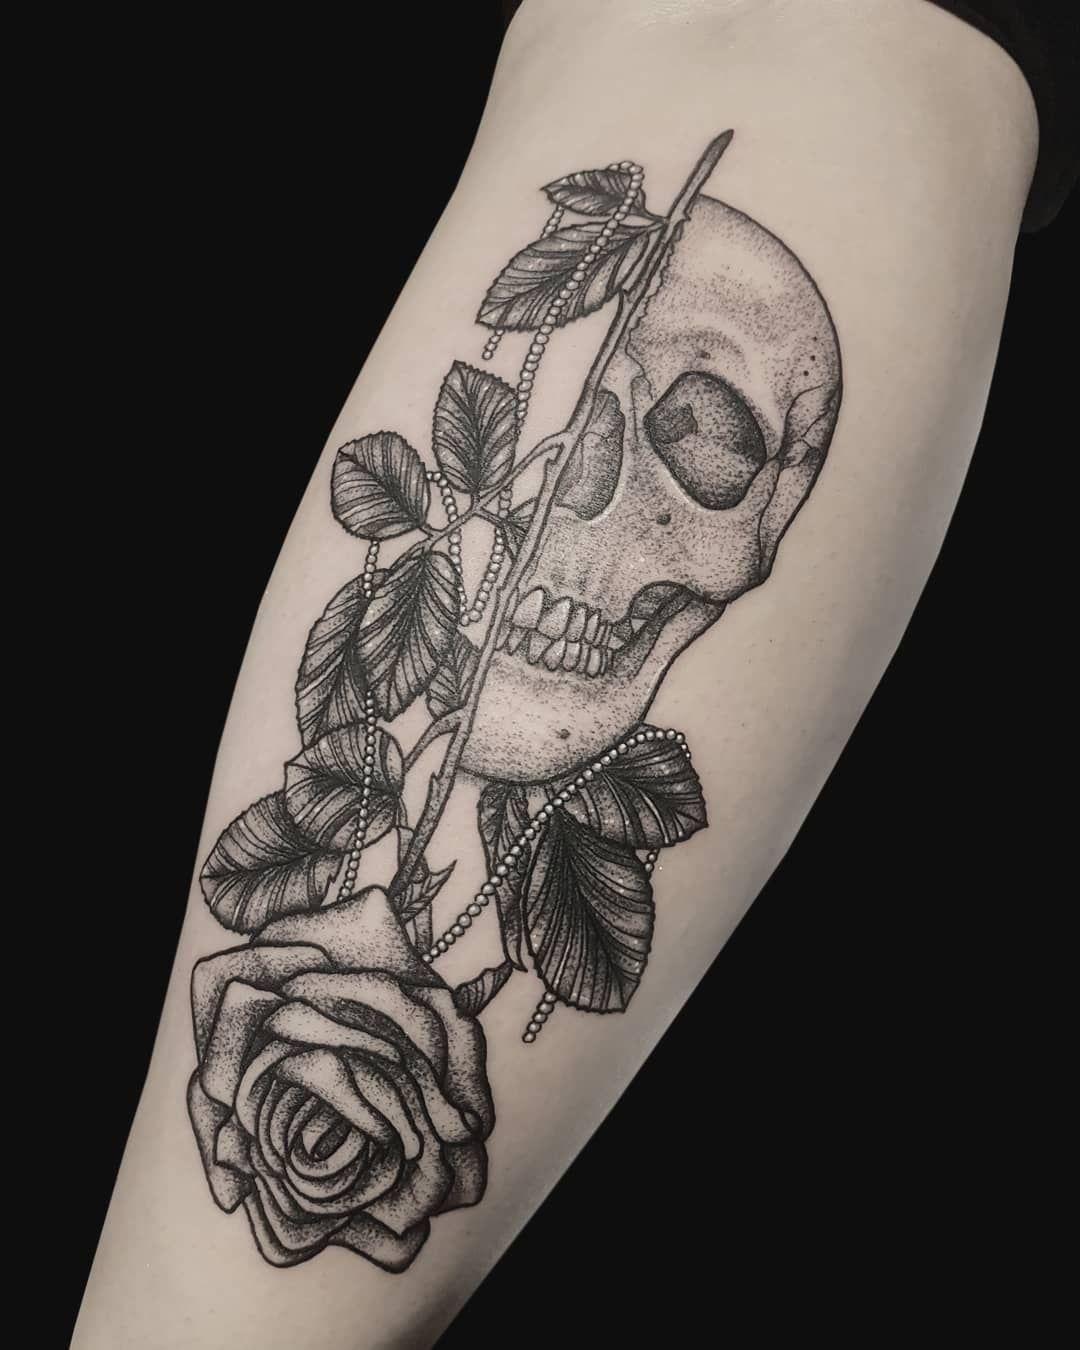 The Monumental Ink Tattoo Artists Tattoos, Tattoo